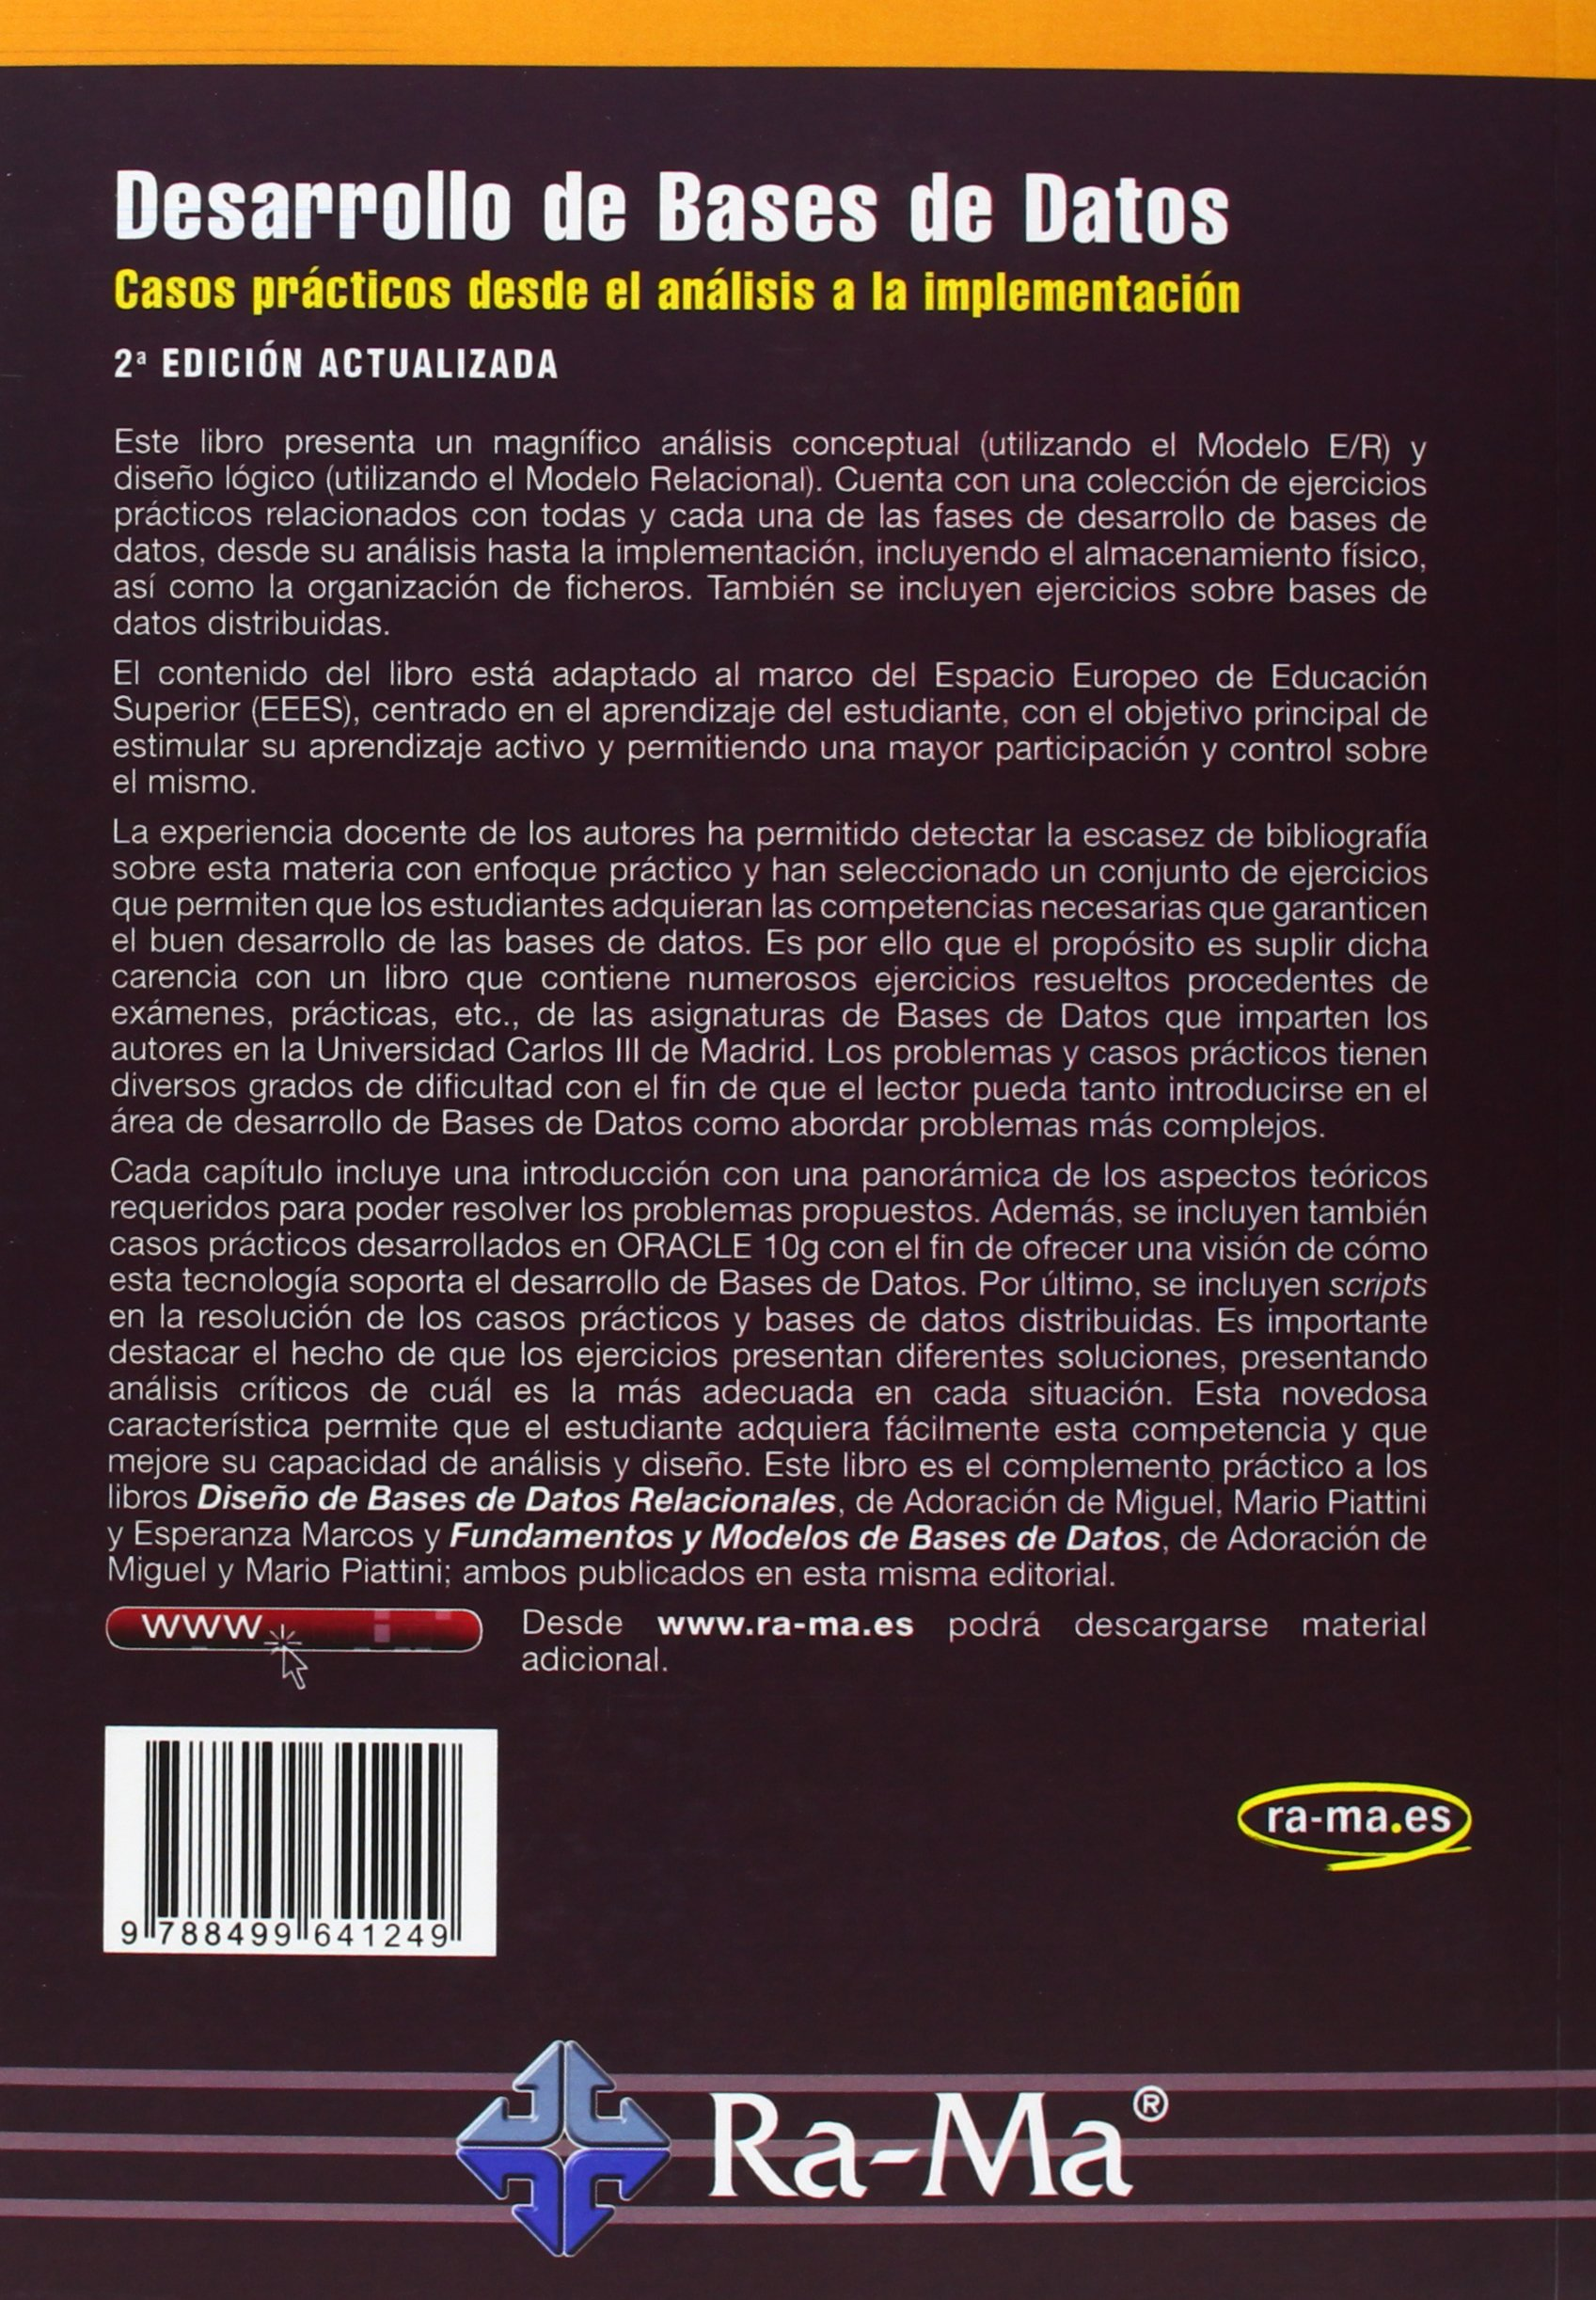 DESARROLLO DE BASES DE DATOS 2\'EDICION ACTUALIZADA GRADOS EEES ...